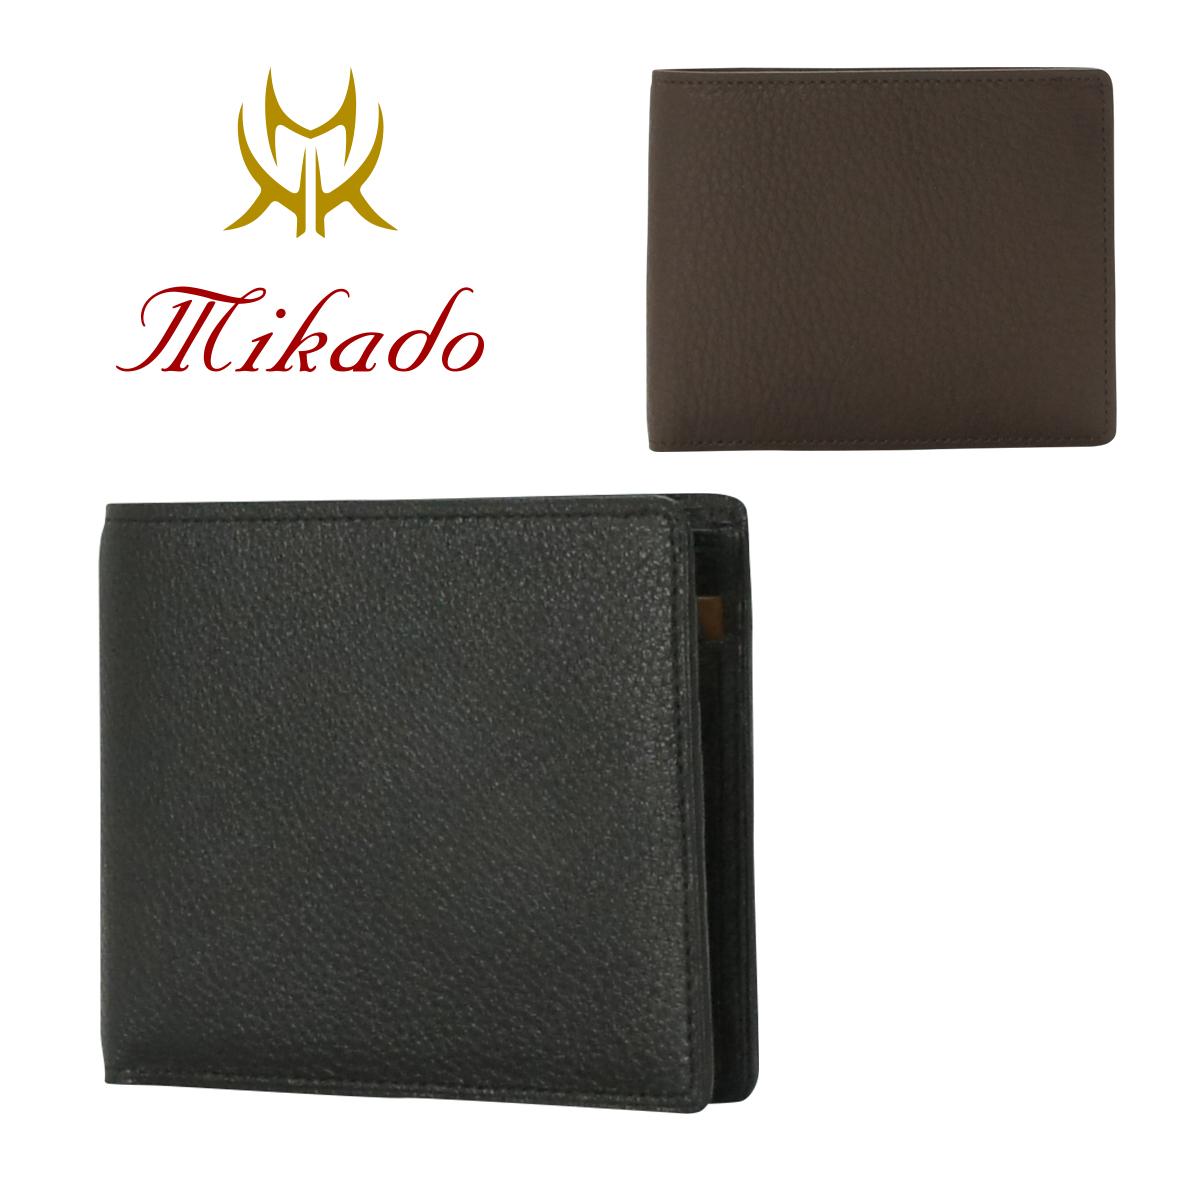 ミカド Mikado 二つ折り財布 320023 コンビヌメ 財布 メンズ レザー [PO5][bef]